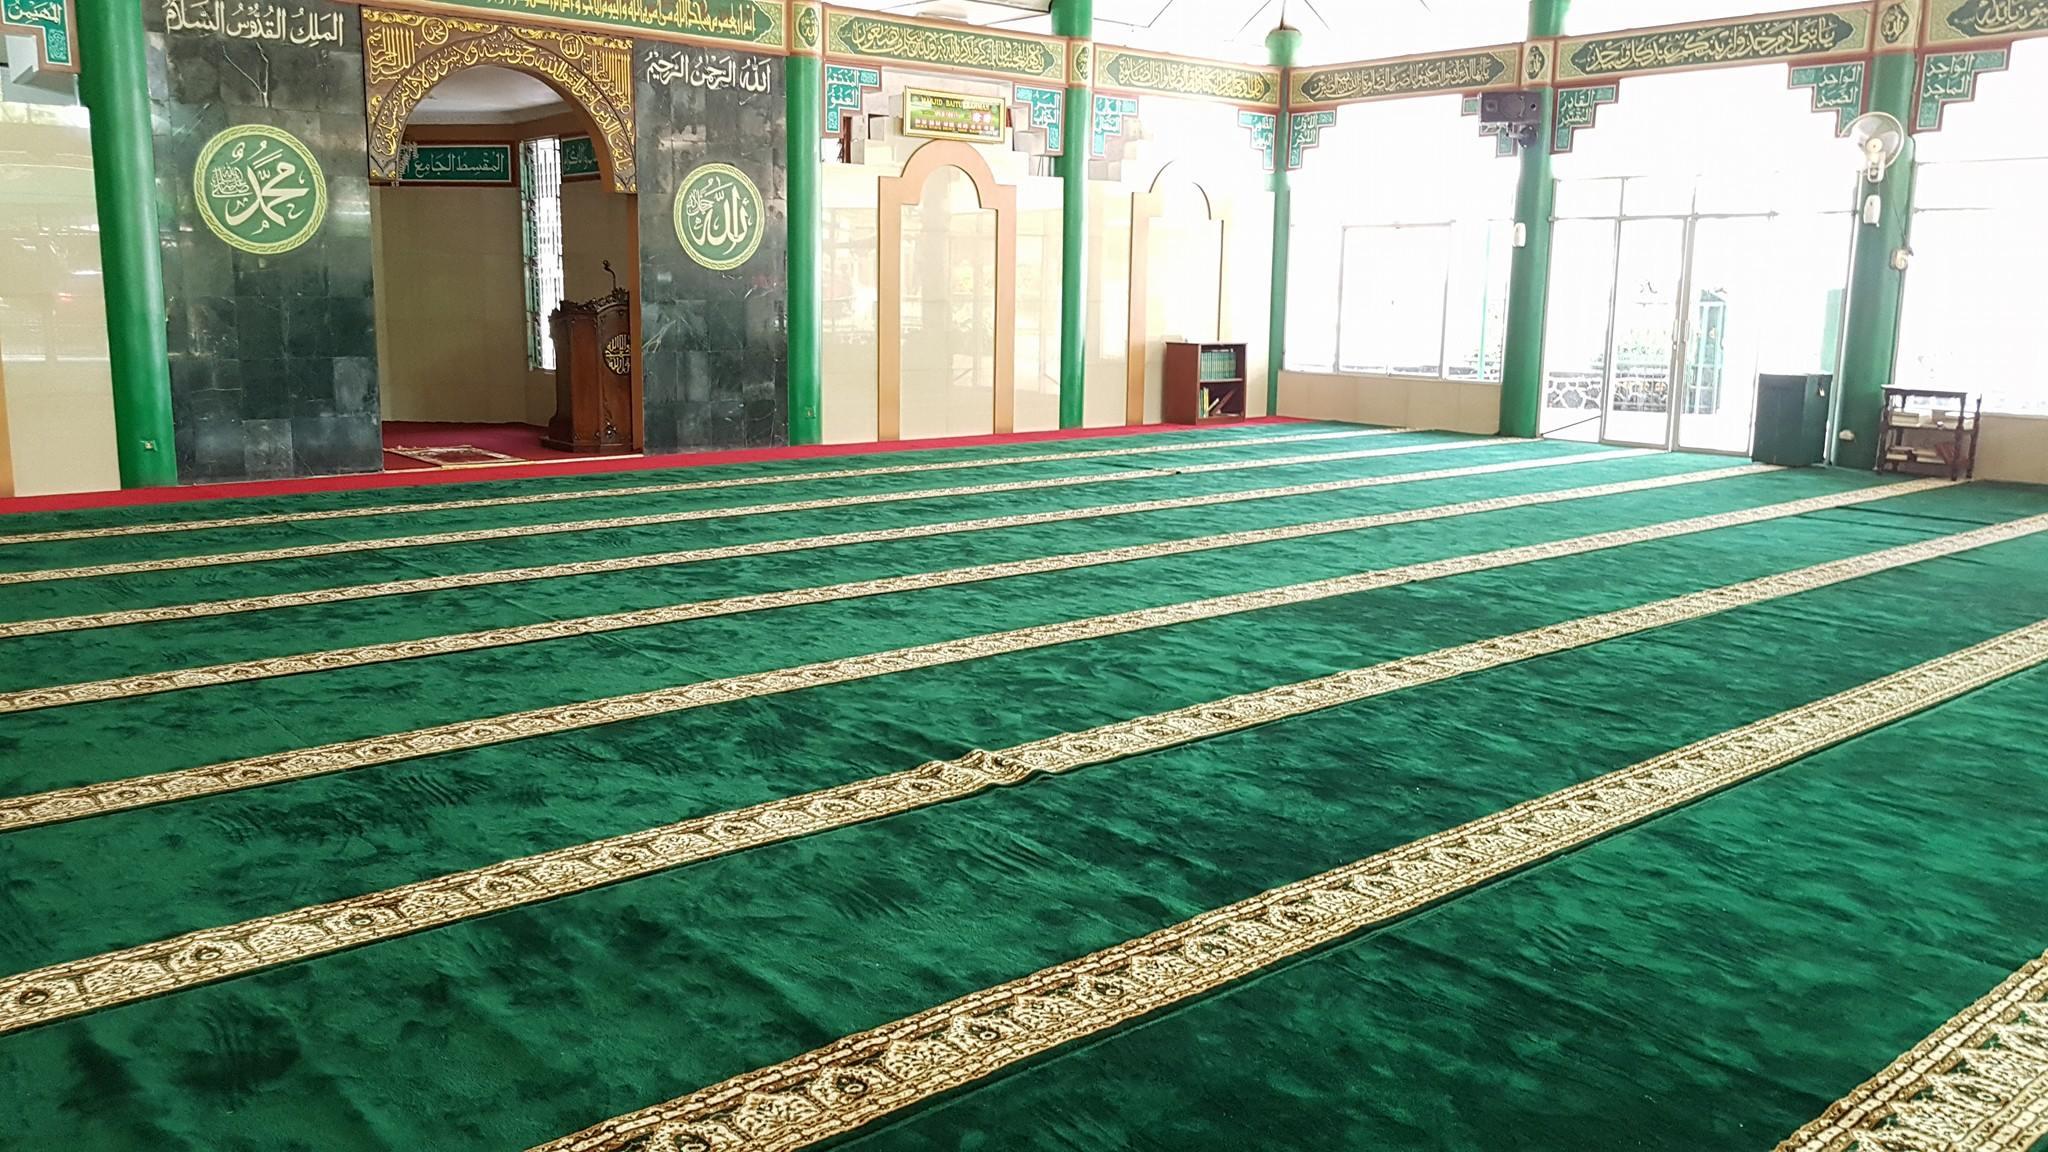 info daftar harga Jual Karpet Sajadah Masjid Turki Roll Berkualitas Tebal Di Cikarang Utara